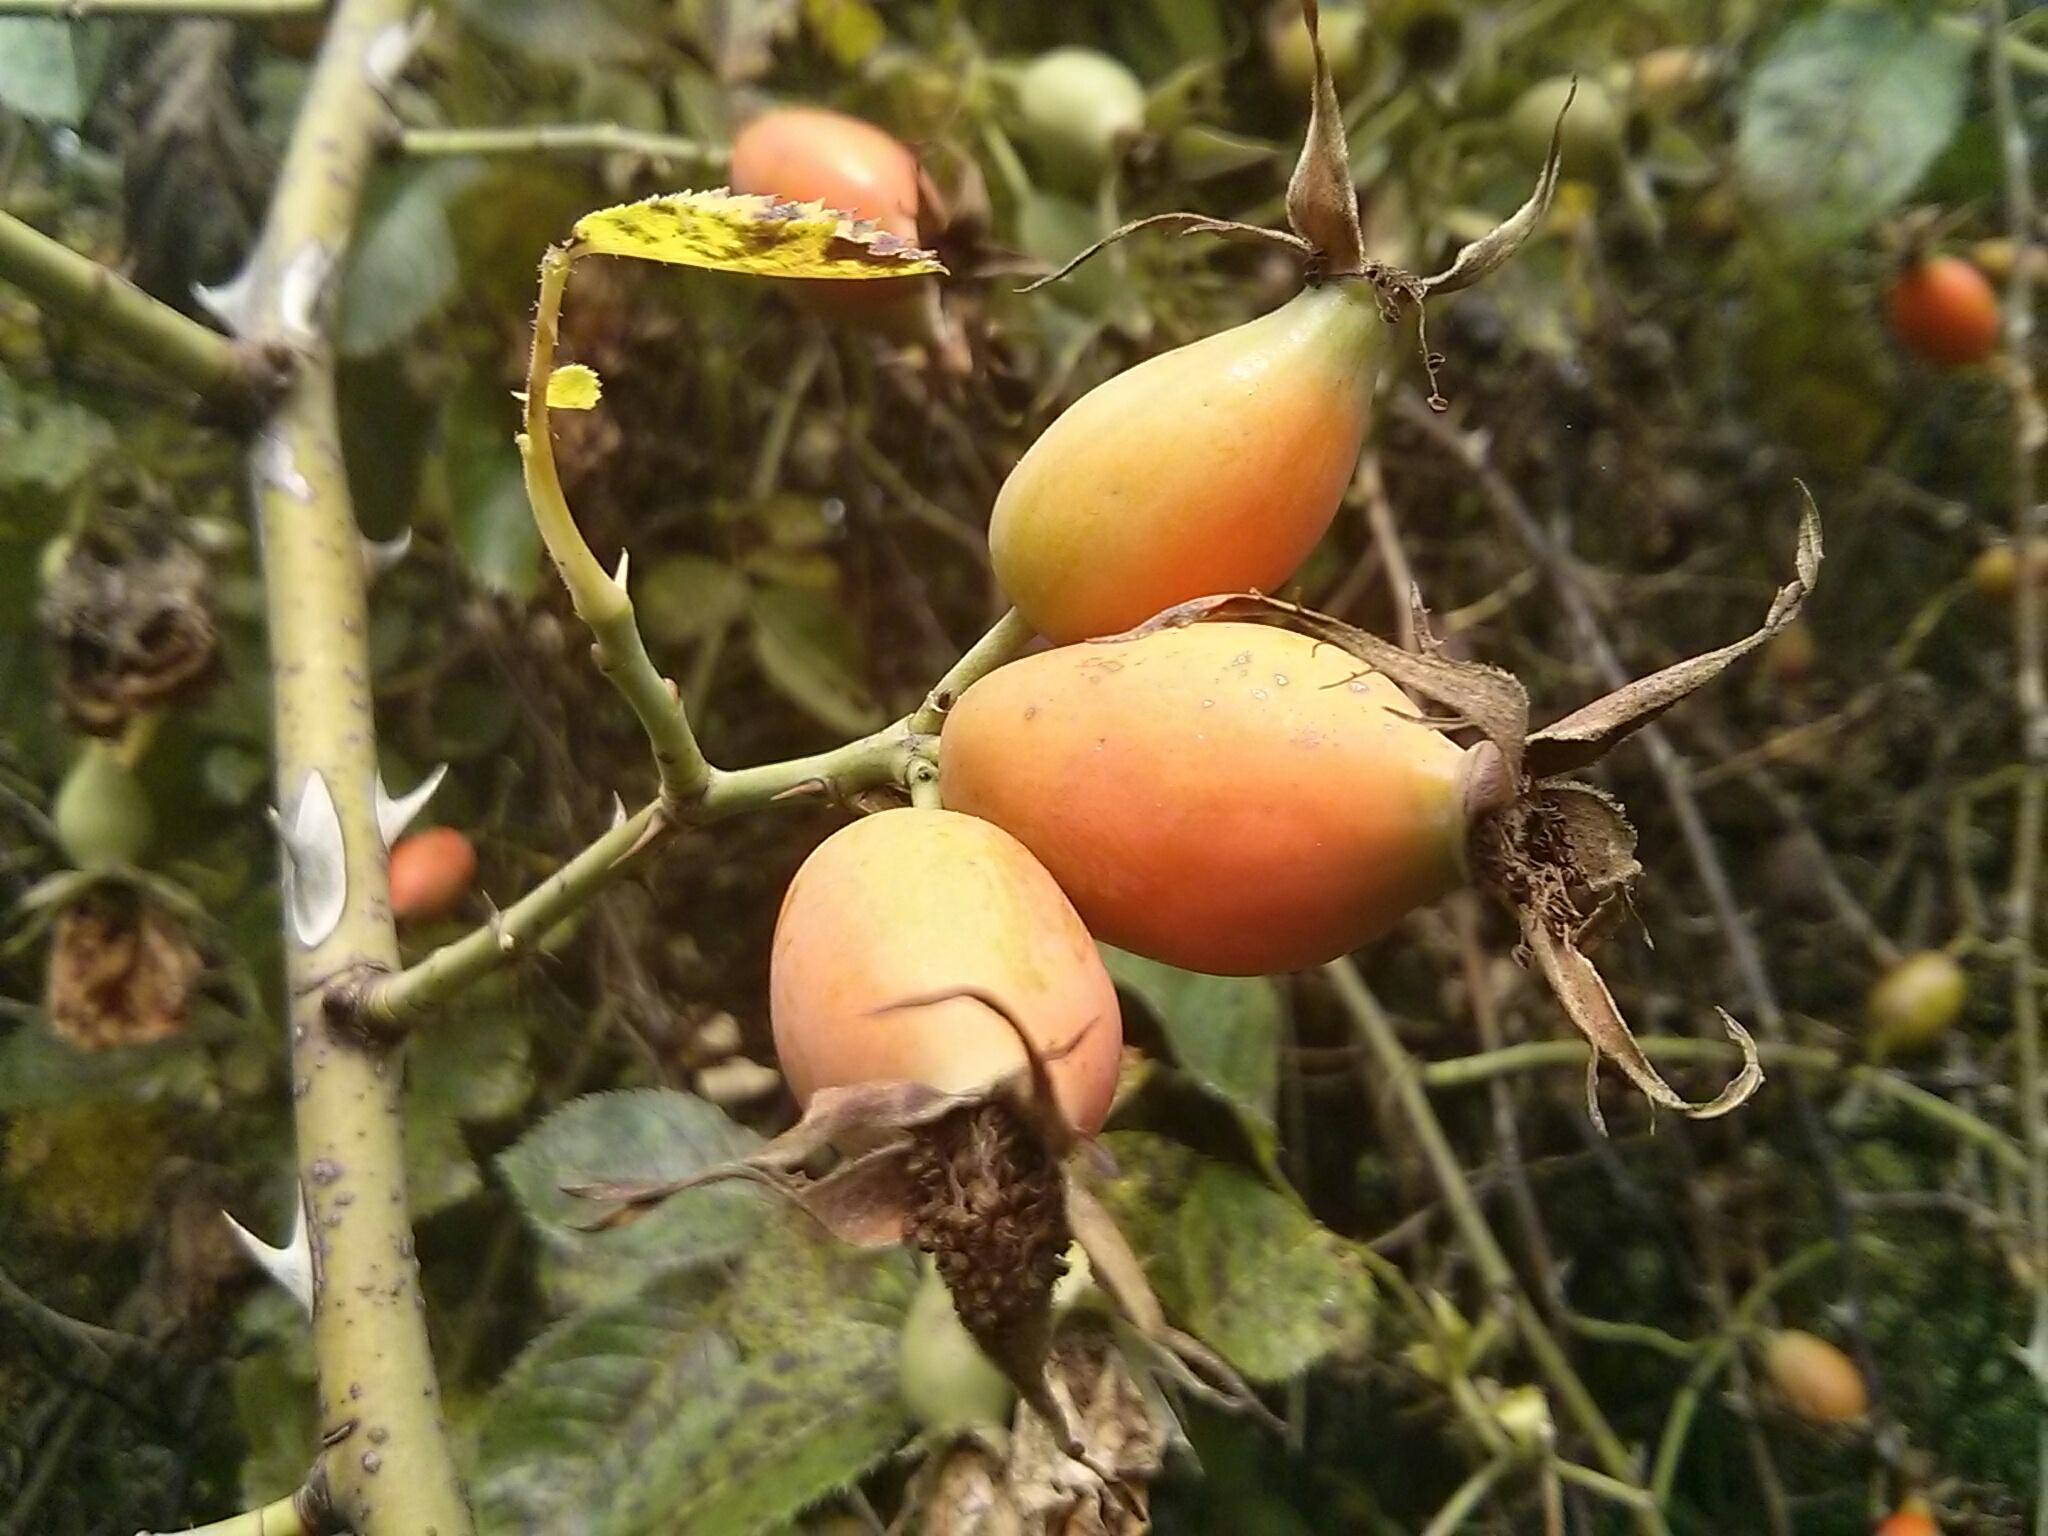 Suszenie owoców dzikiej róży - jak przygotować susz na herbatkę